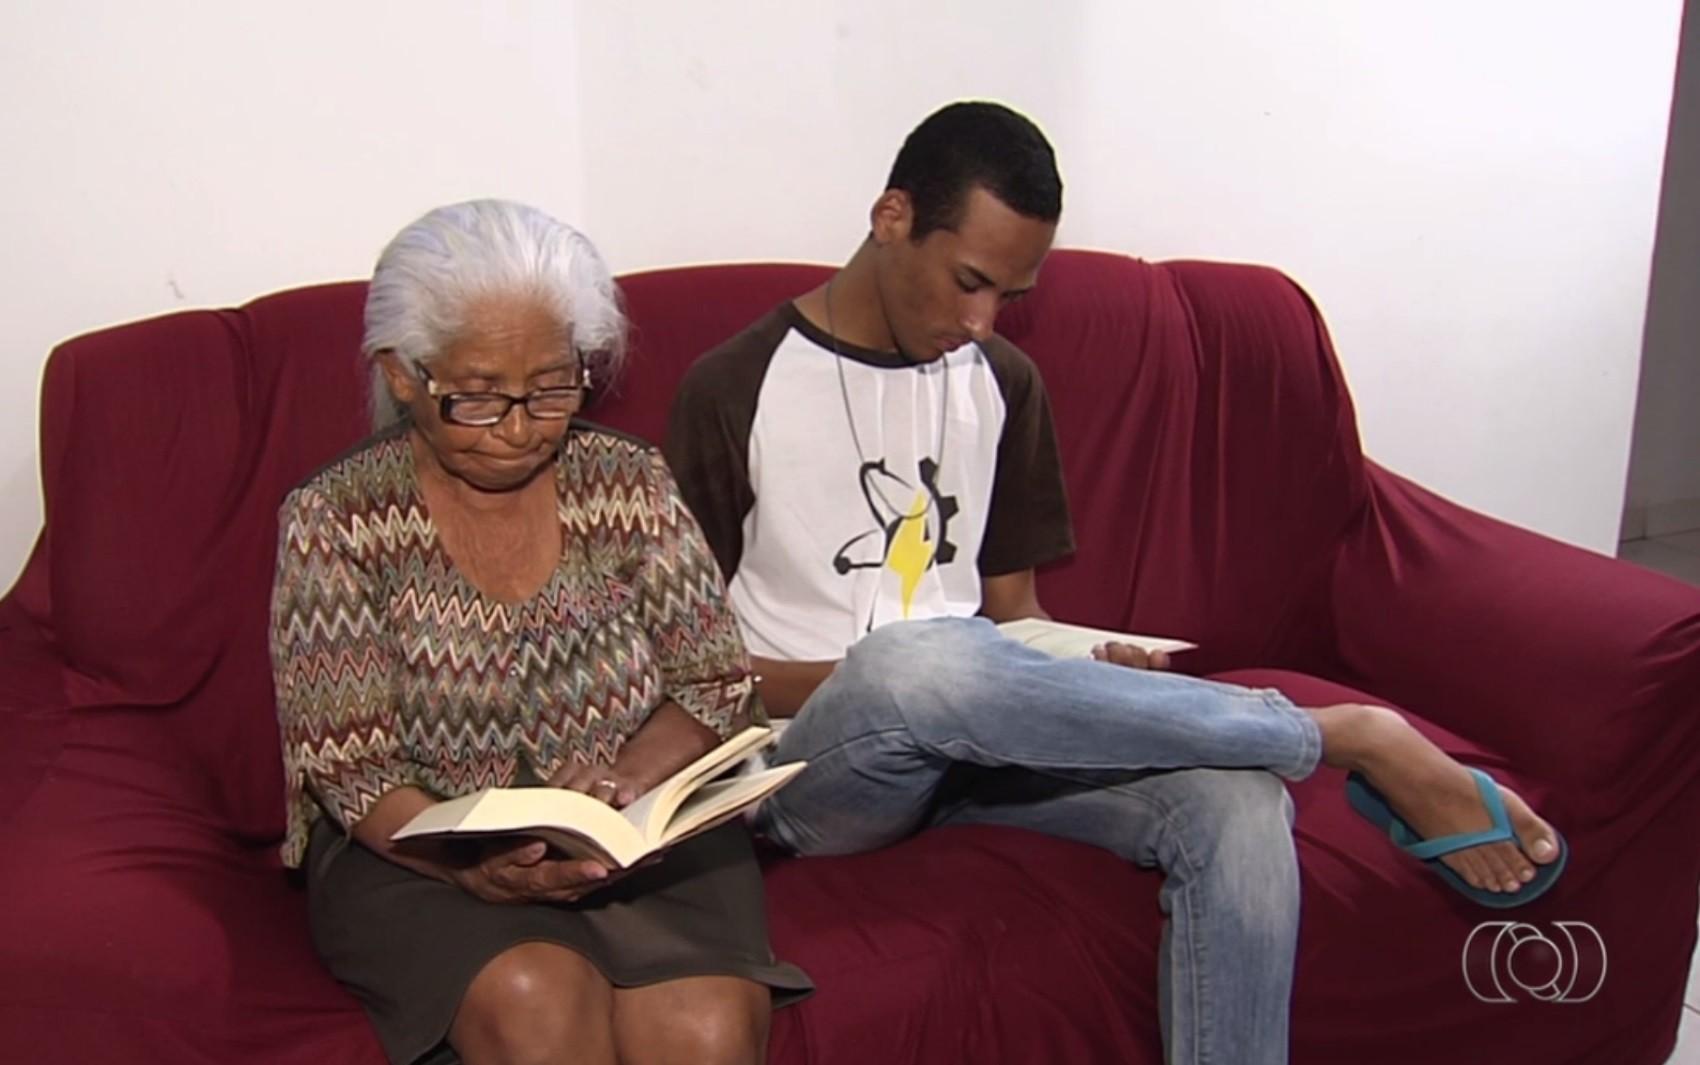 Estudante de GO nota mil na redação do Enem quer ser professor para homenagear avó: 'Minha inspiração'